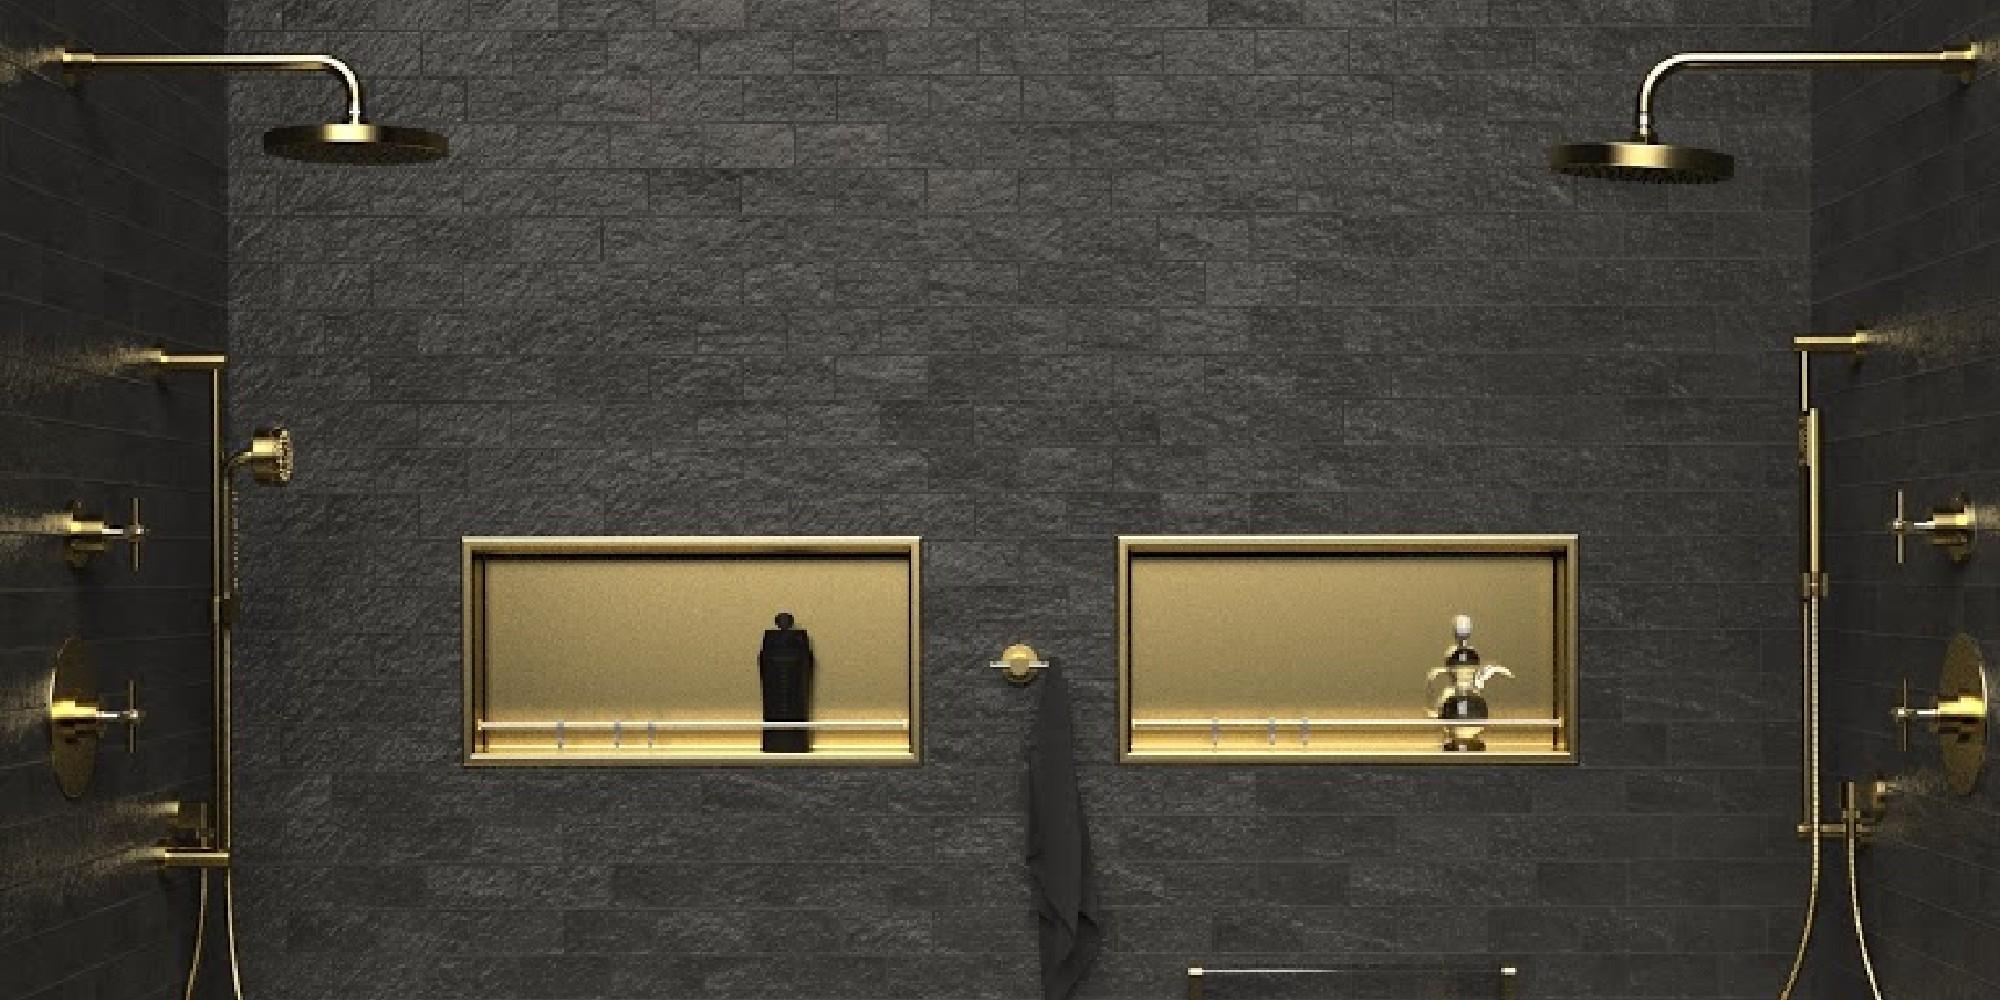 Bathroom Design Trends 2020 - Exposed Plumbing